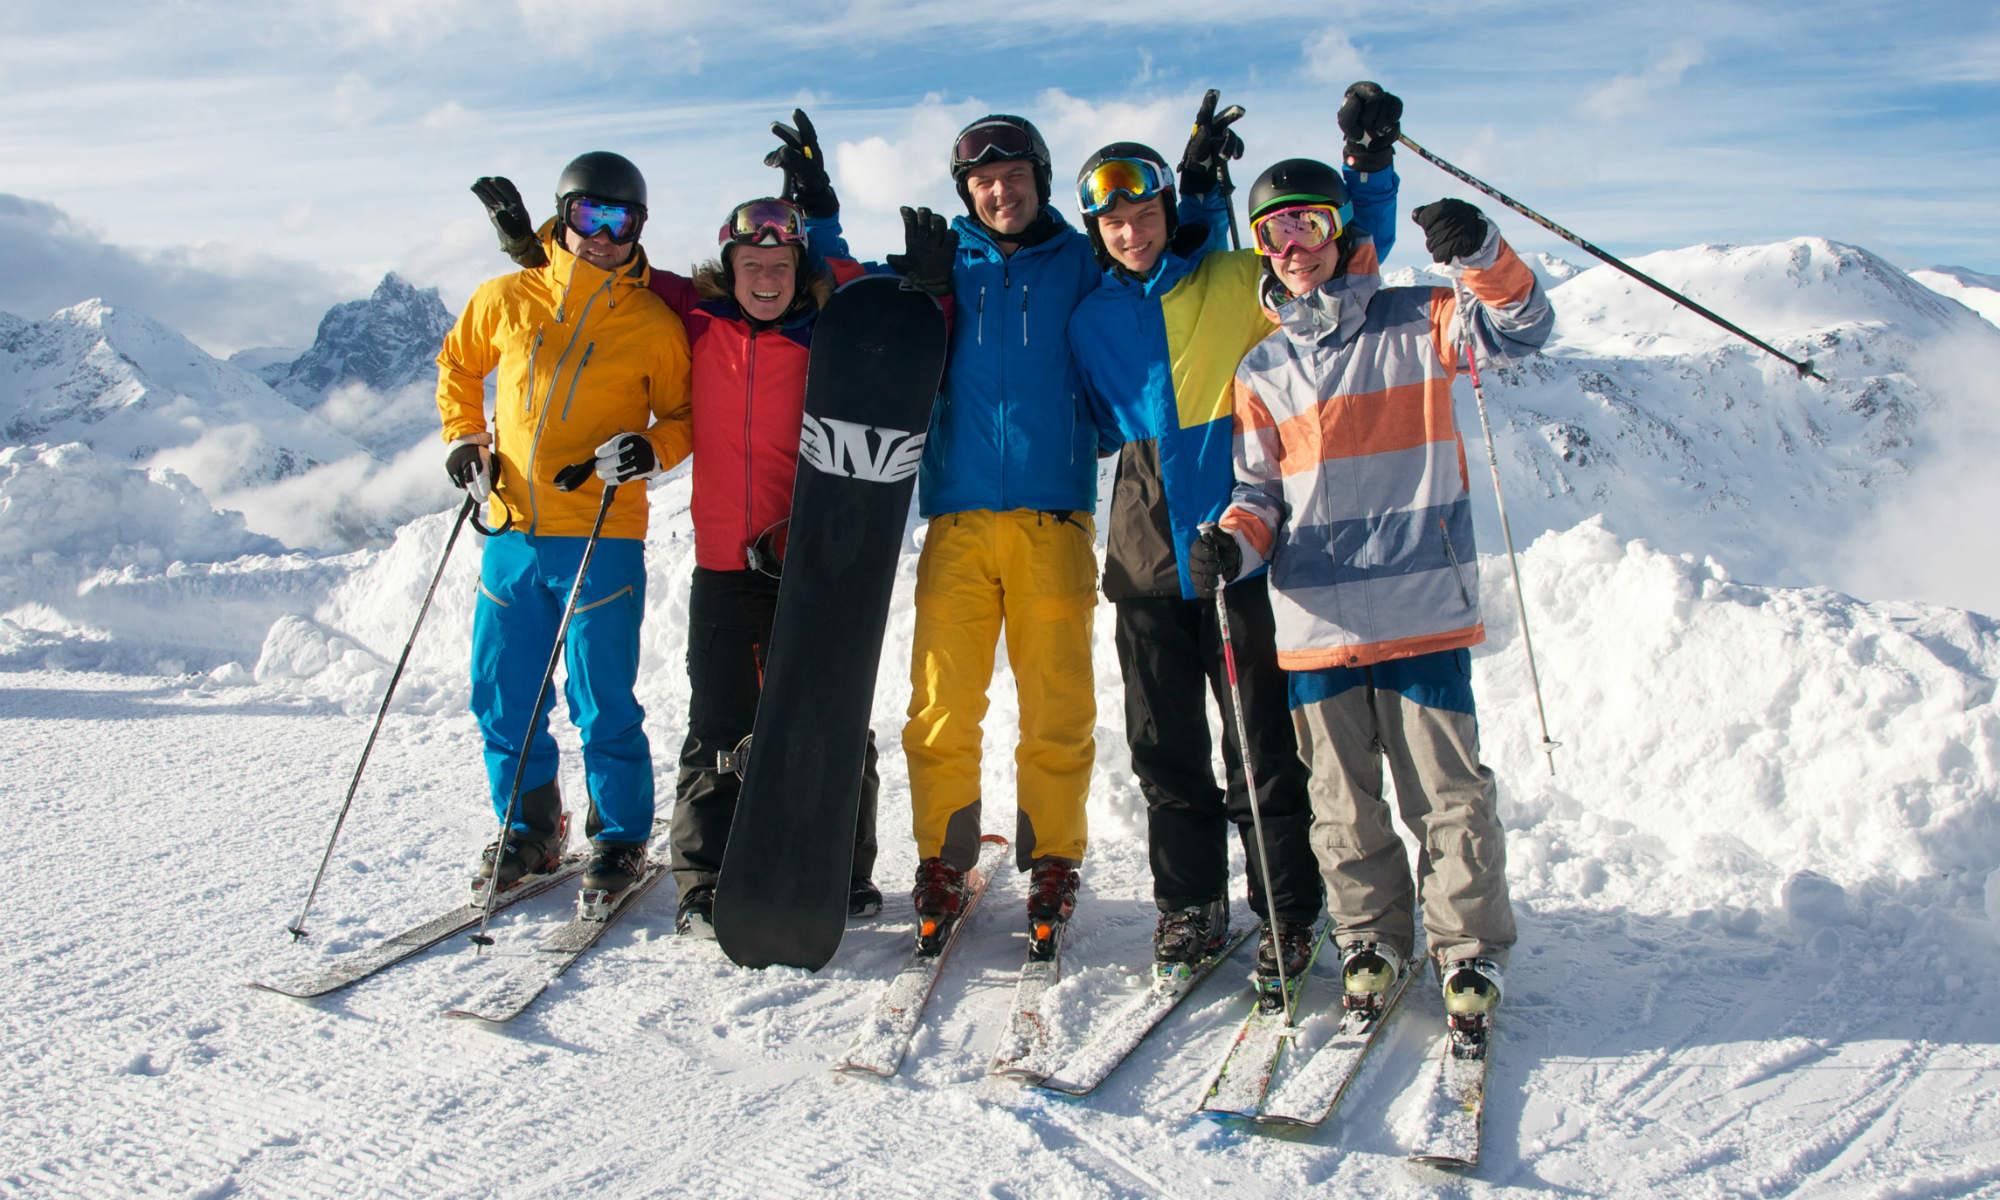 Une monitrice de ski et ses élèves lors d'un cours de ski pour adolescents sur une piste ensoleillée.